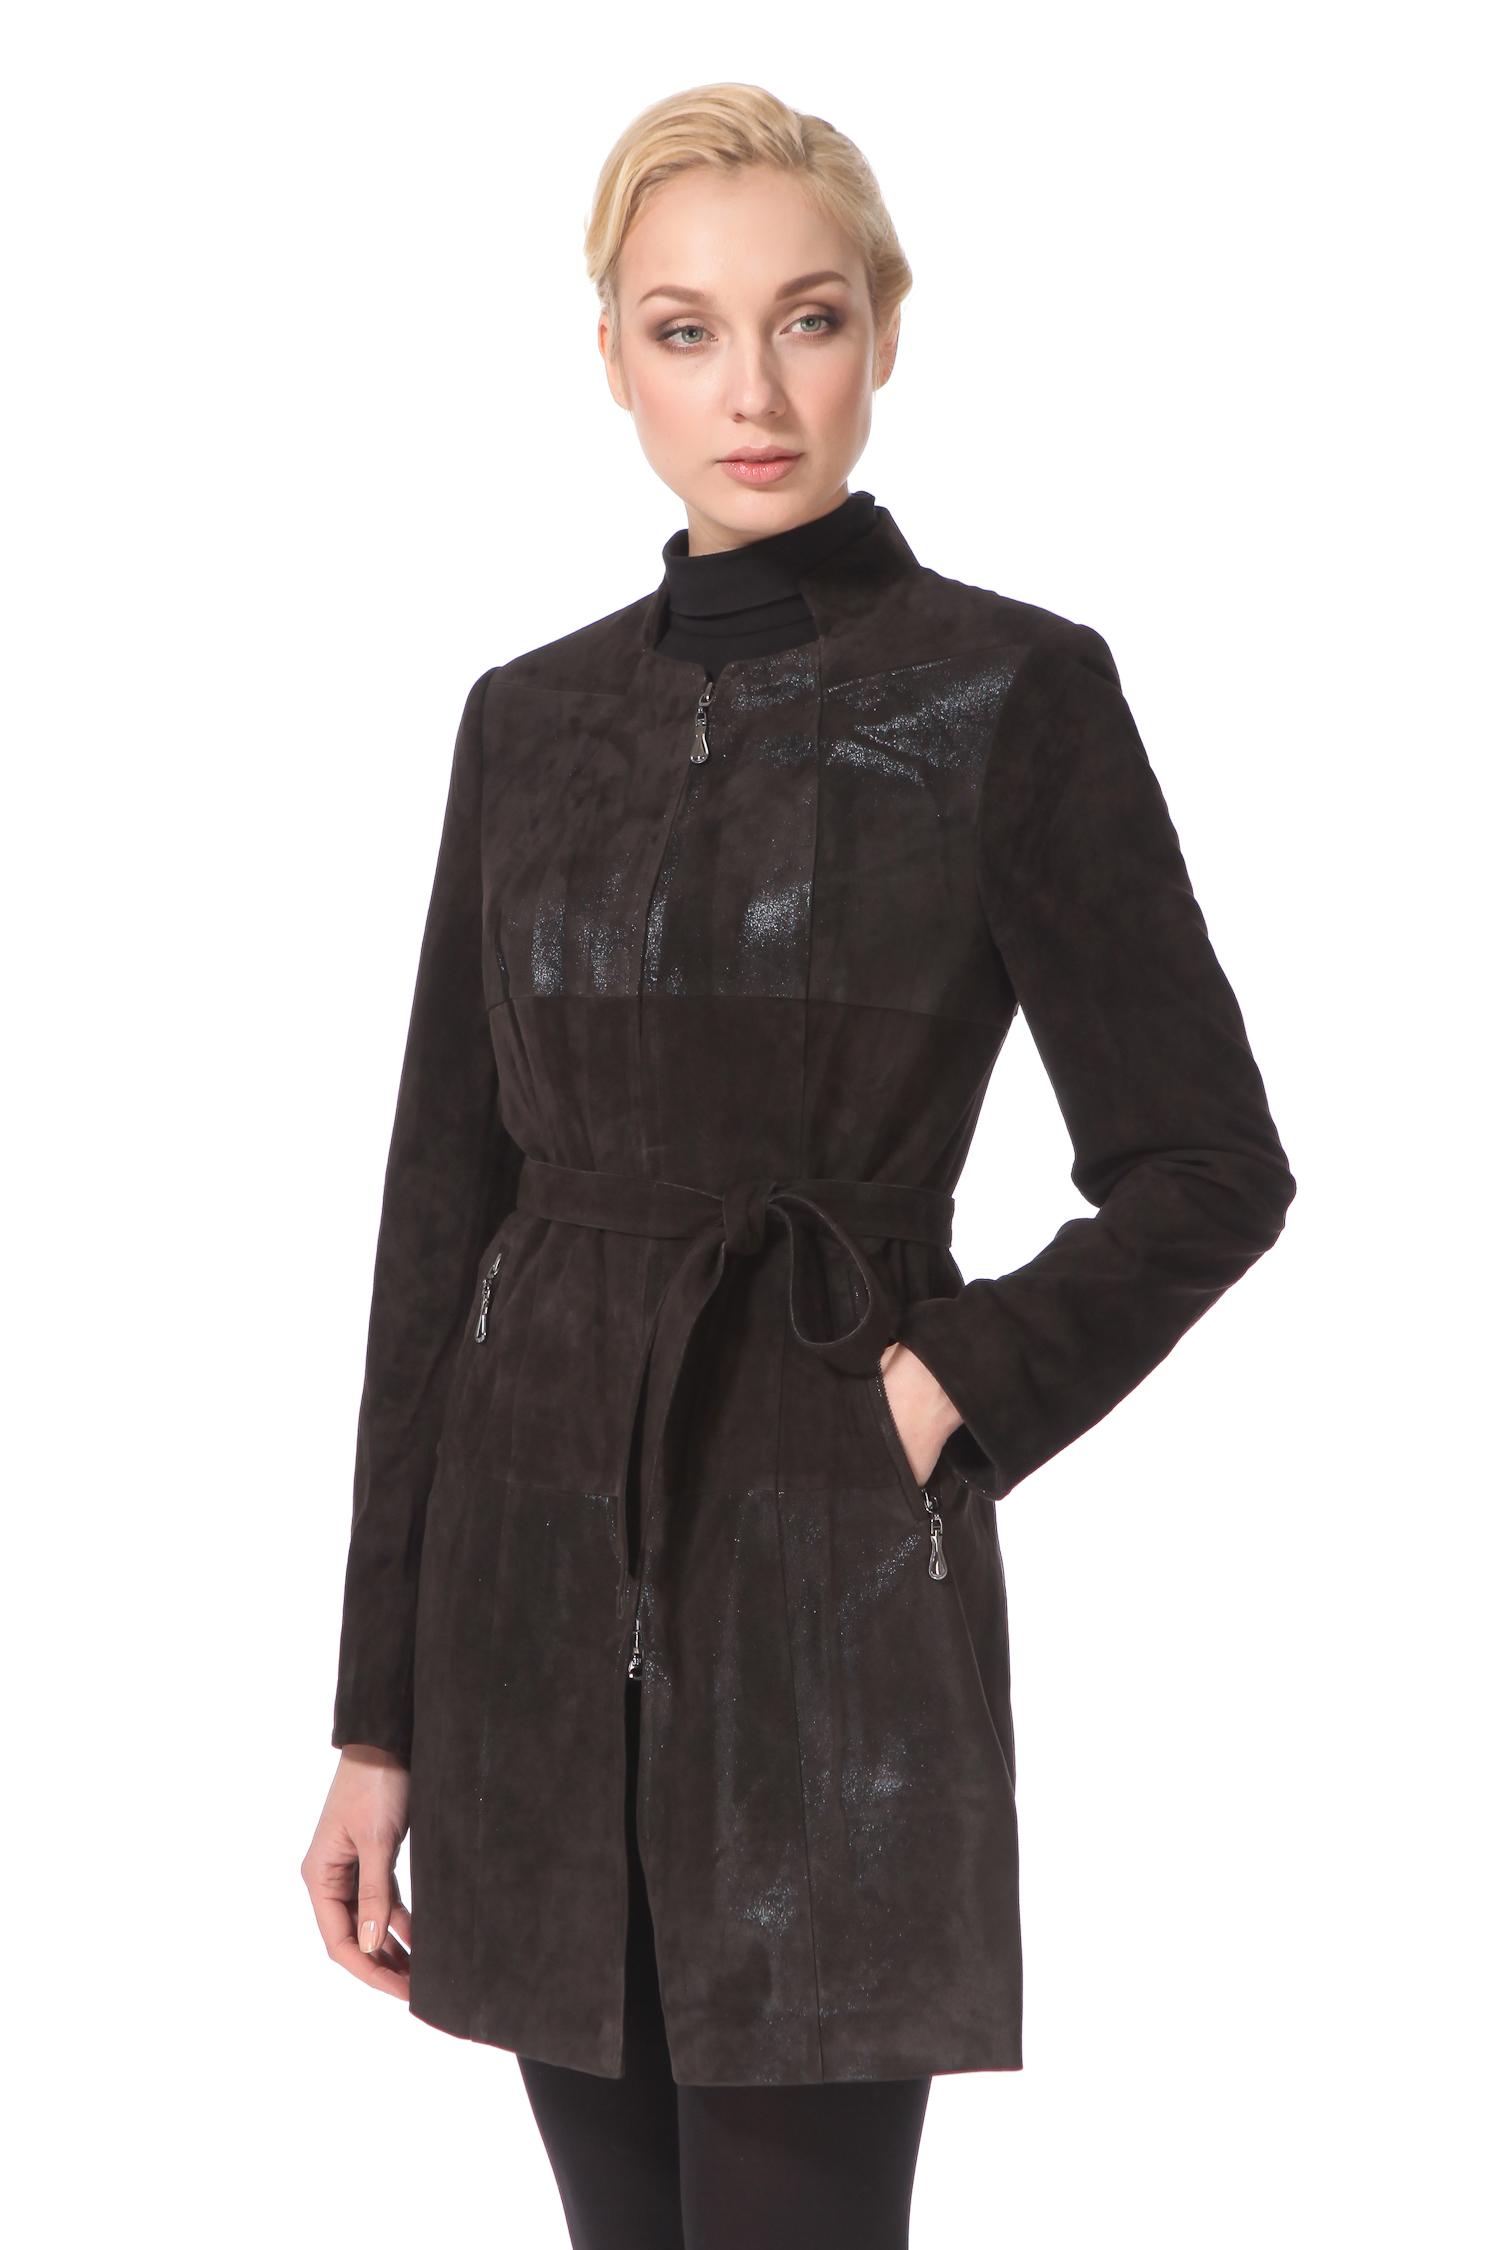 Женское кожаное пальто из натуральной замши (с накатом) с воротником, без отделки<br><br>Воротник: стойка<br>Длина см: Средняя (75-89 )<br>Материал: Замша<br>Цвет: коричневый<br>Пол: Женский<br>Размер RU: 50